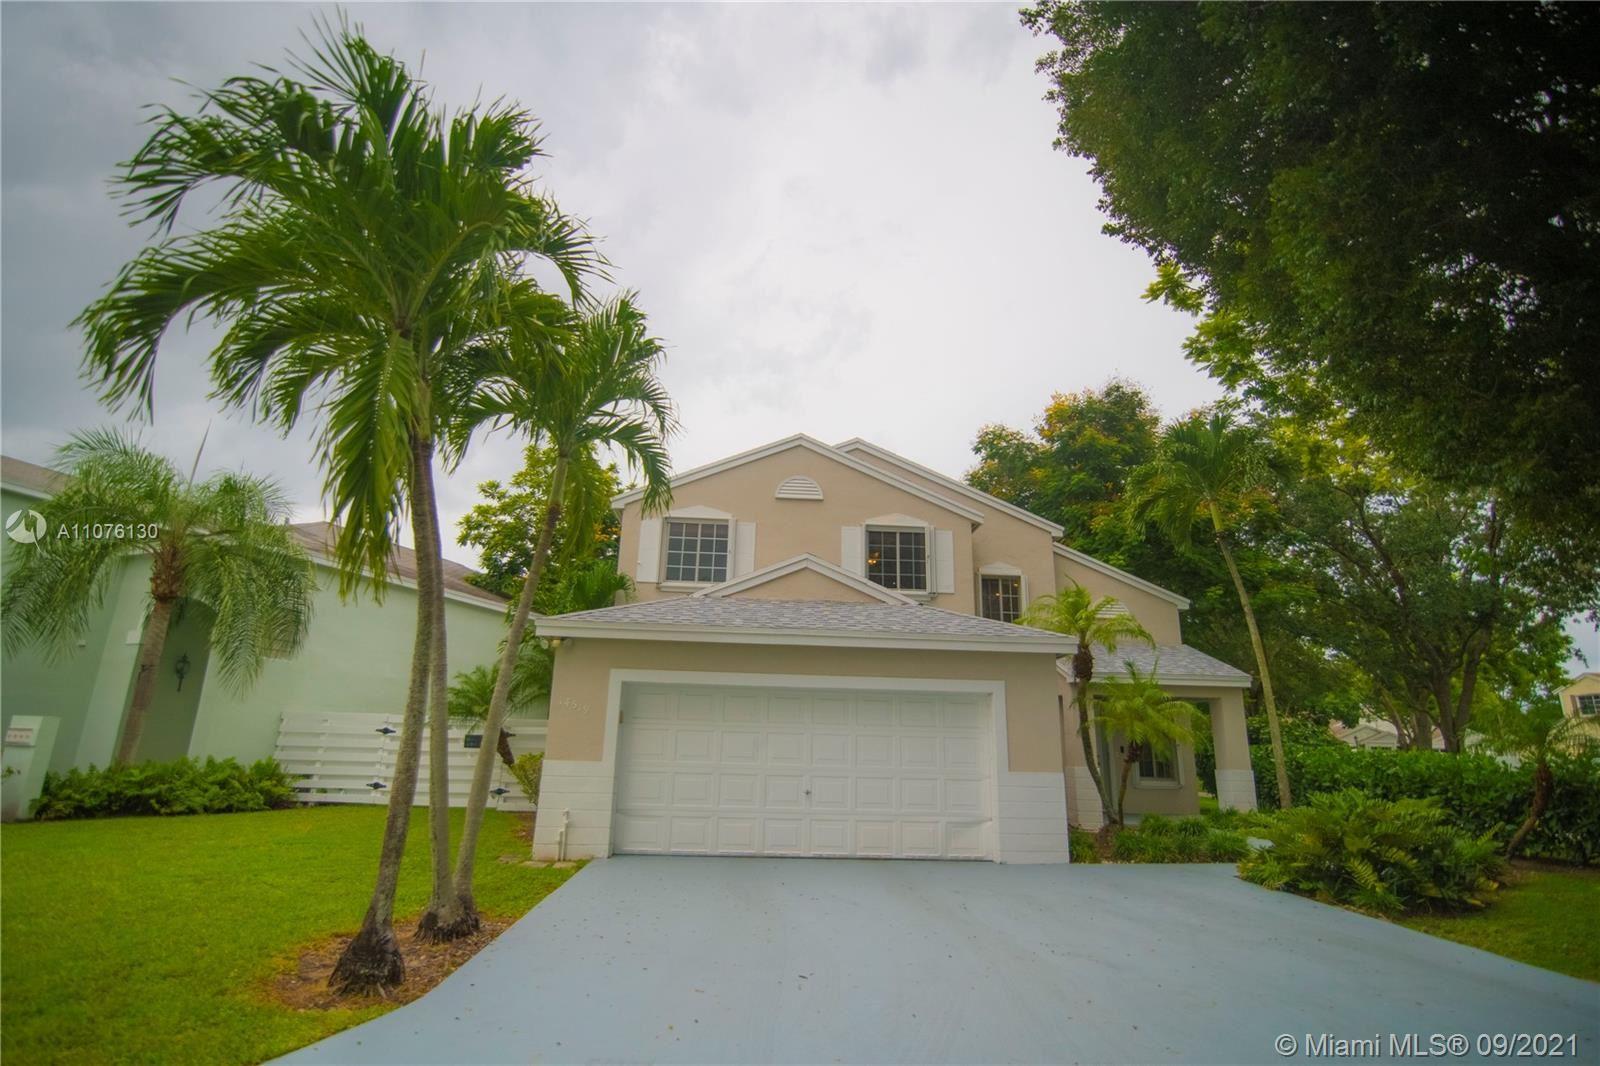 14519 SW 138th Pl, Miami, FL 33186 - #: A11076130